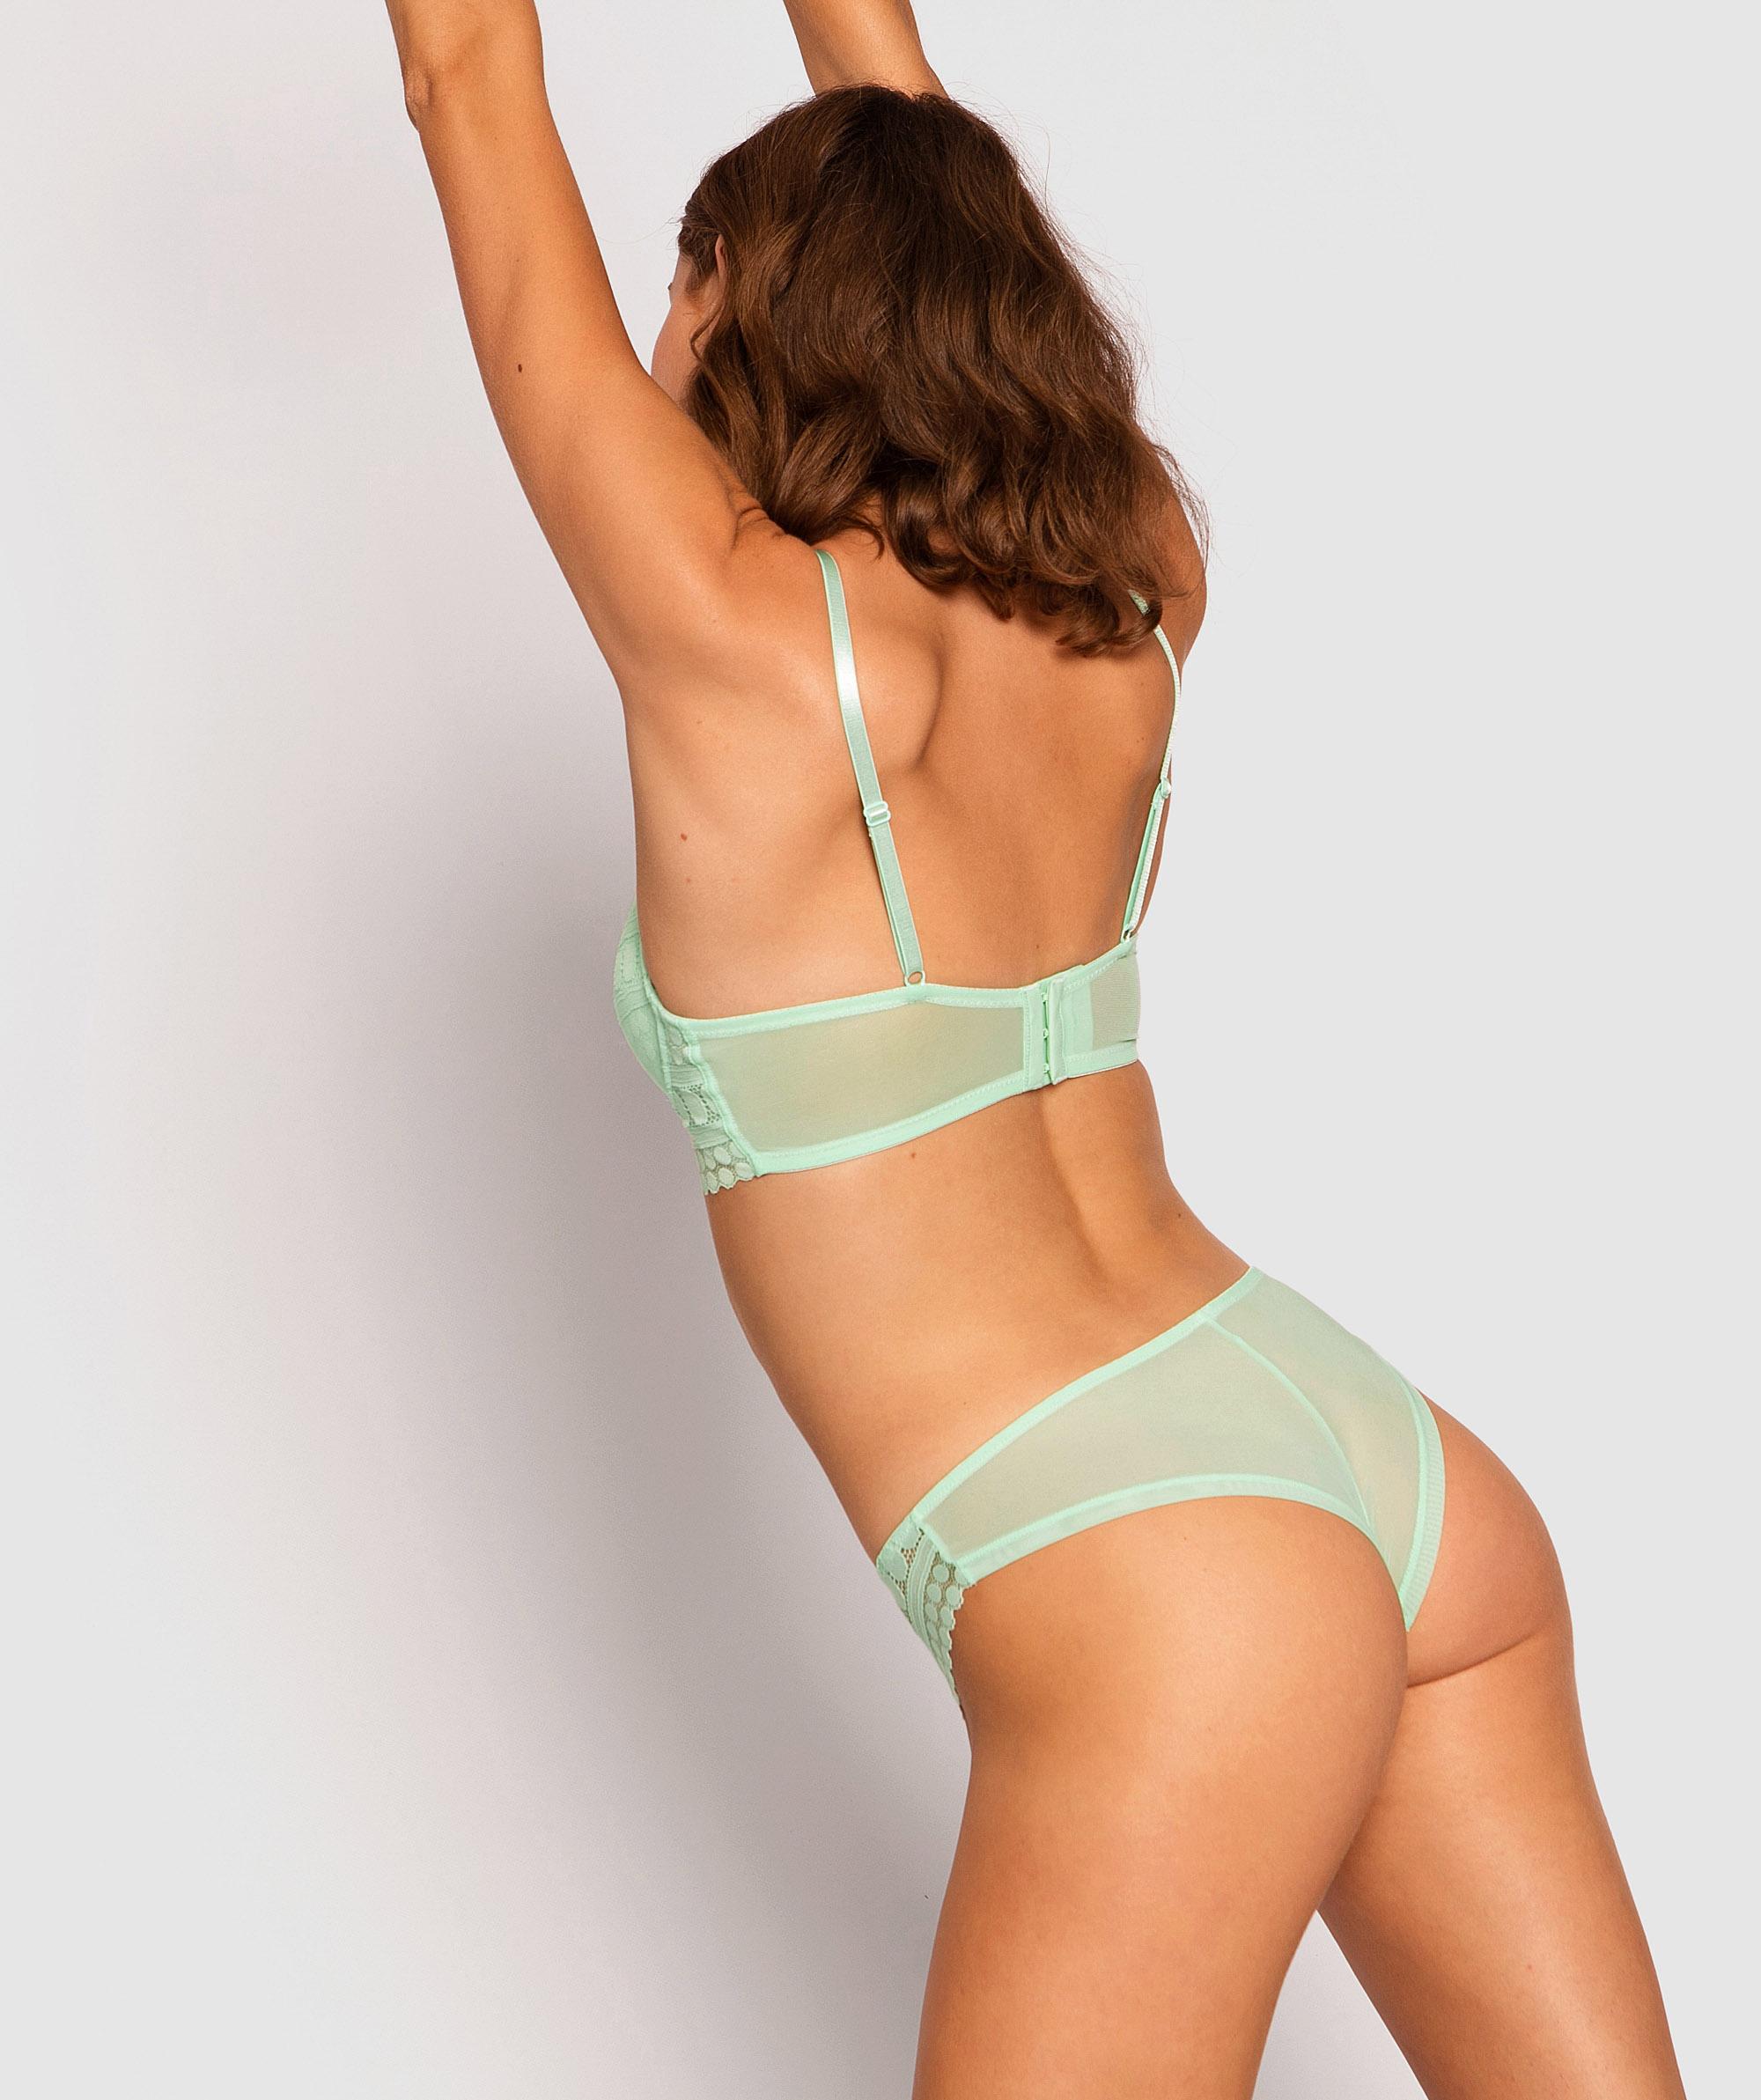 Dotty Brazilian Knicker - Light Green